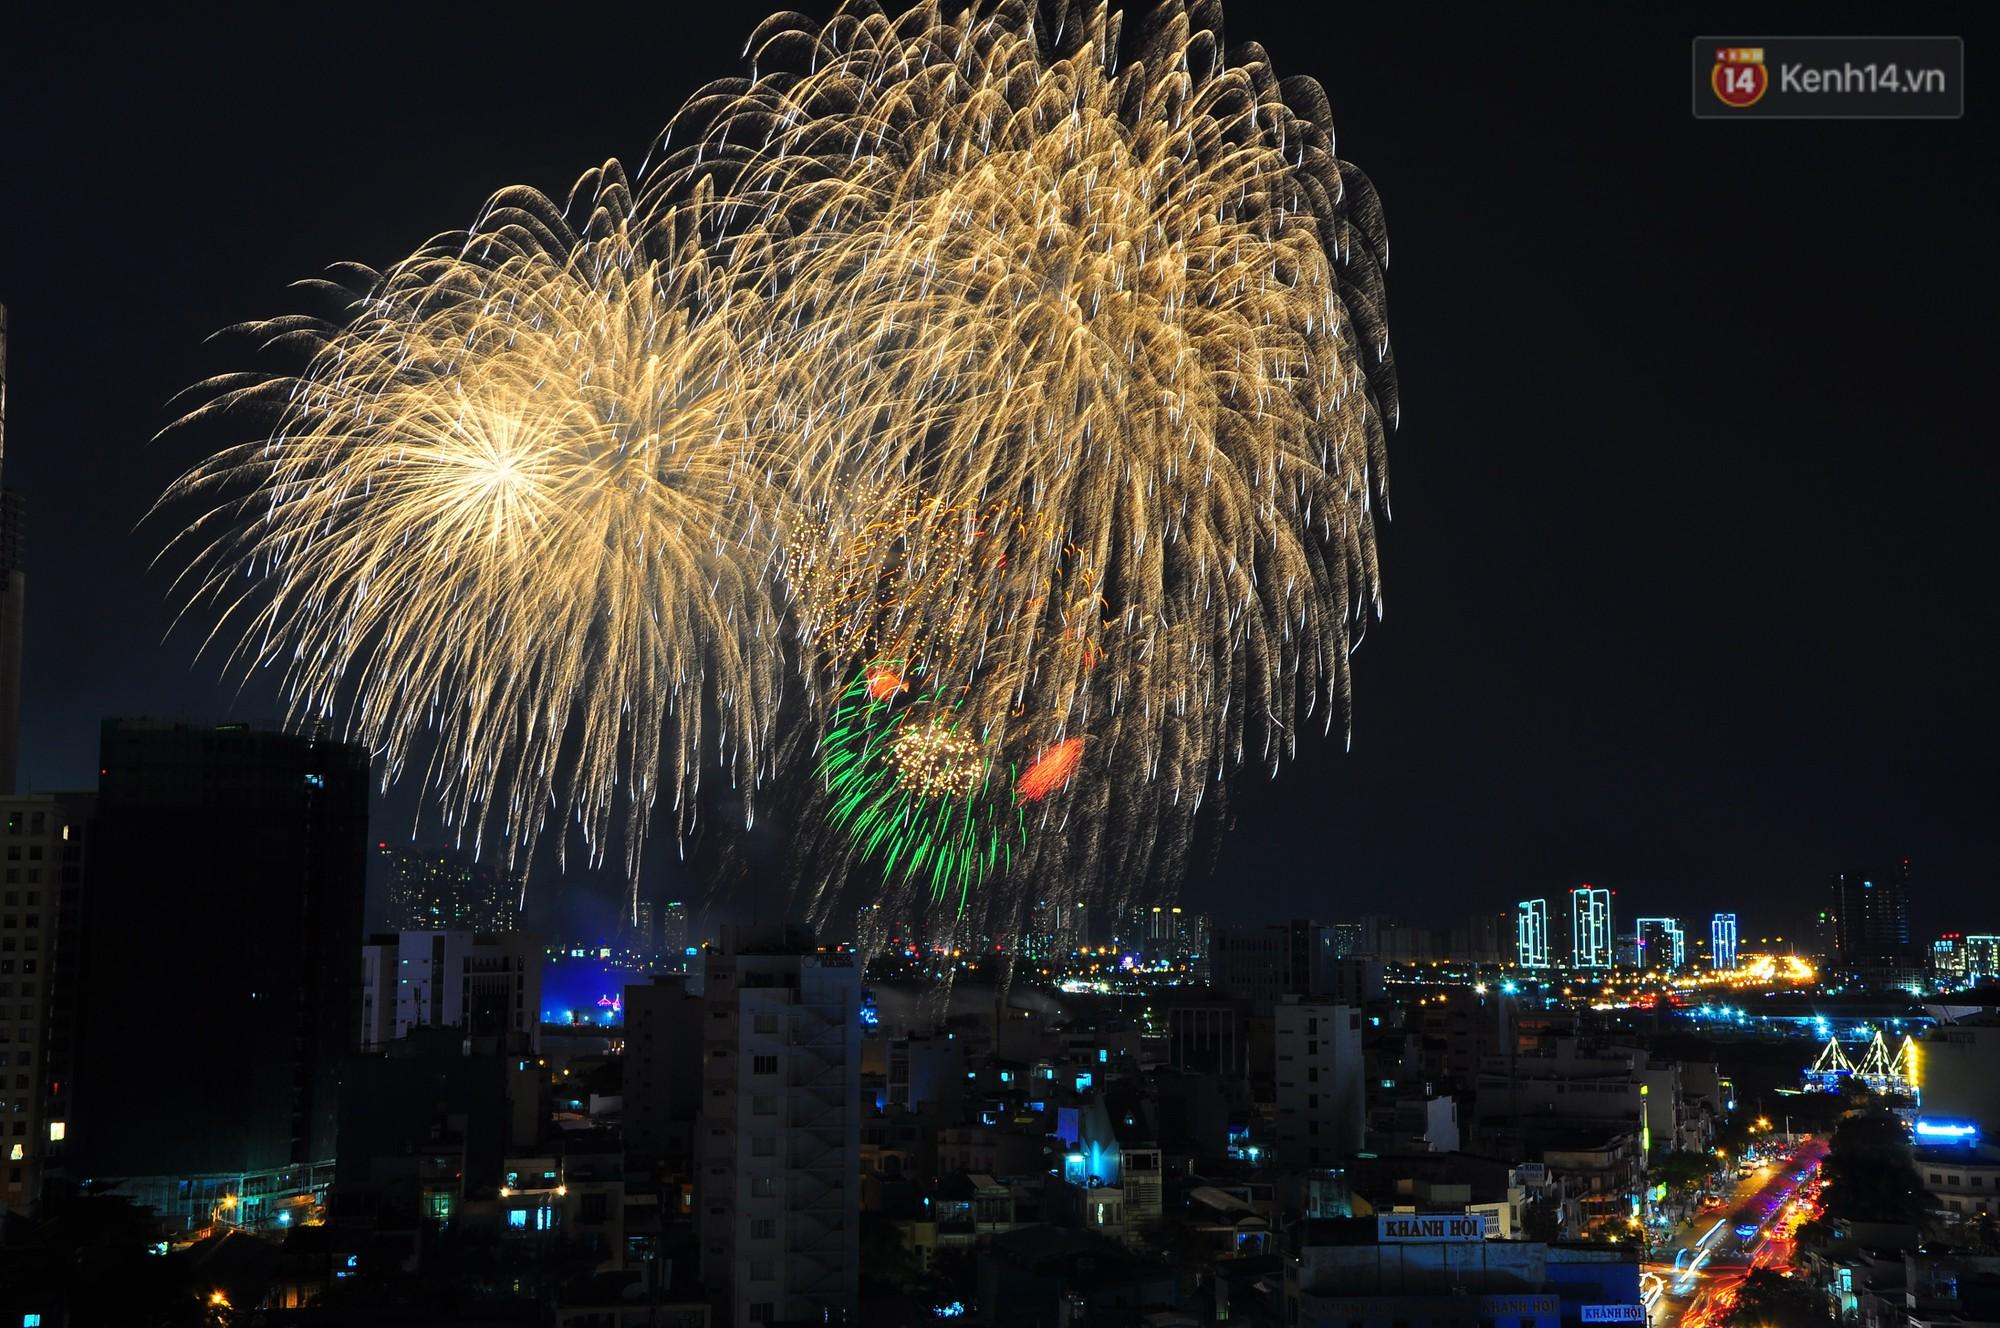 Loạt pháo hoa đẹp rực rỡ trên bầu trời Sài Gòn mừng 44 năm Giải phóng miền Nam thống nhất đất nước - Ảnh 13.